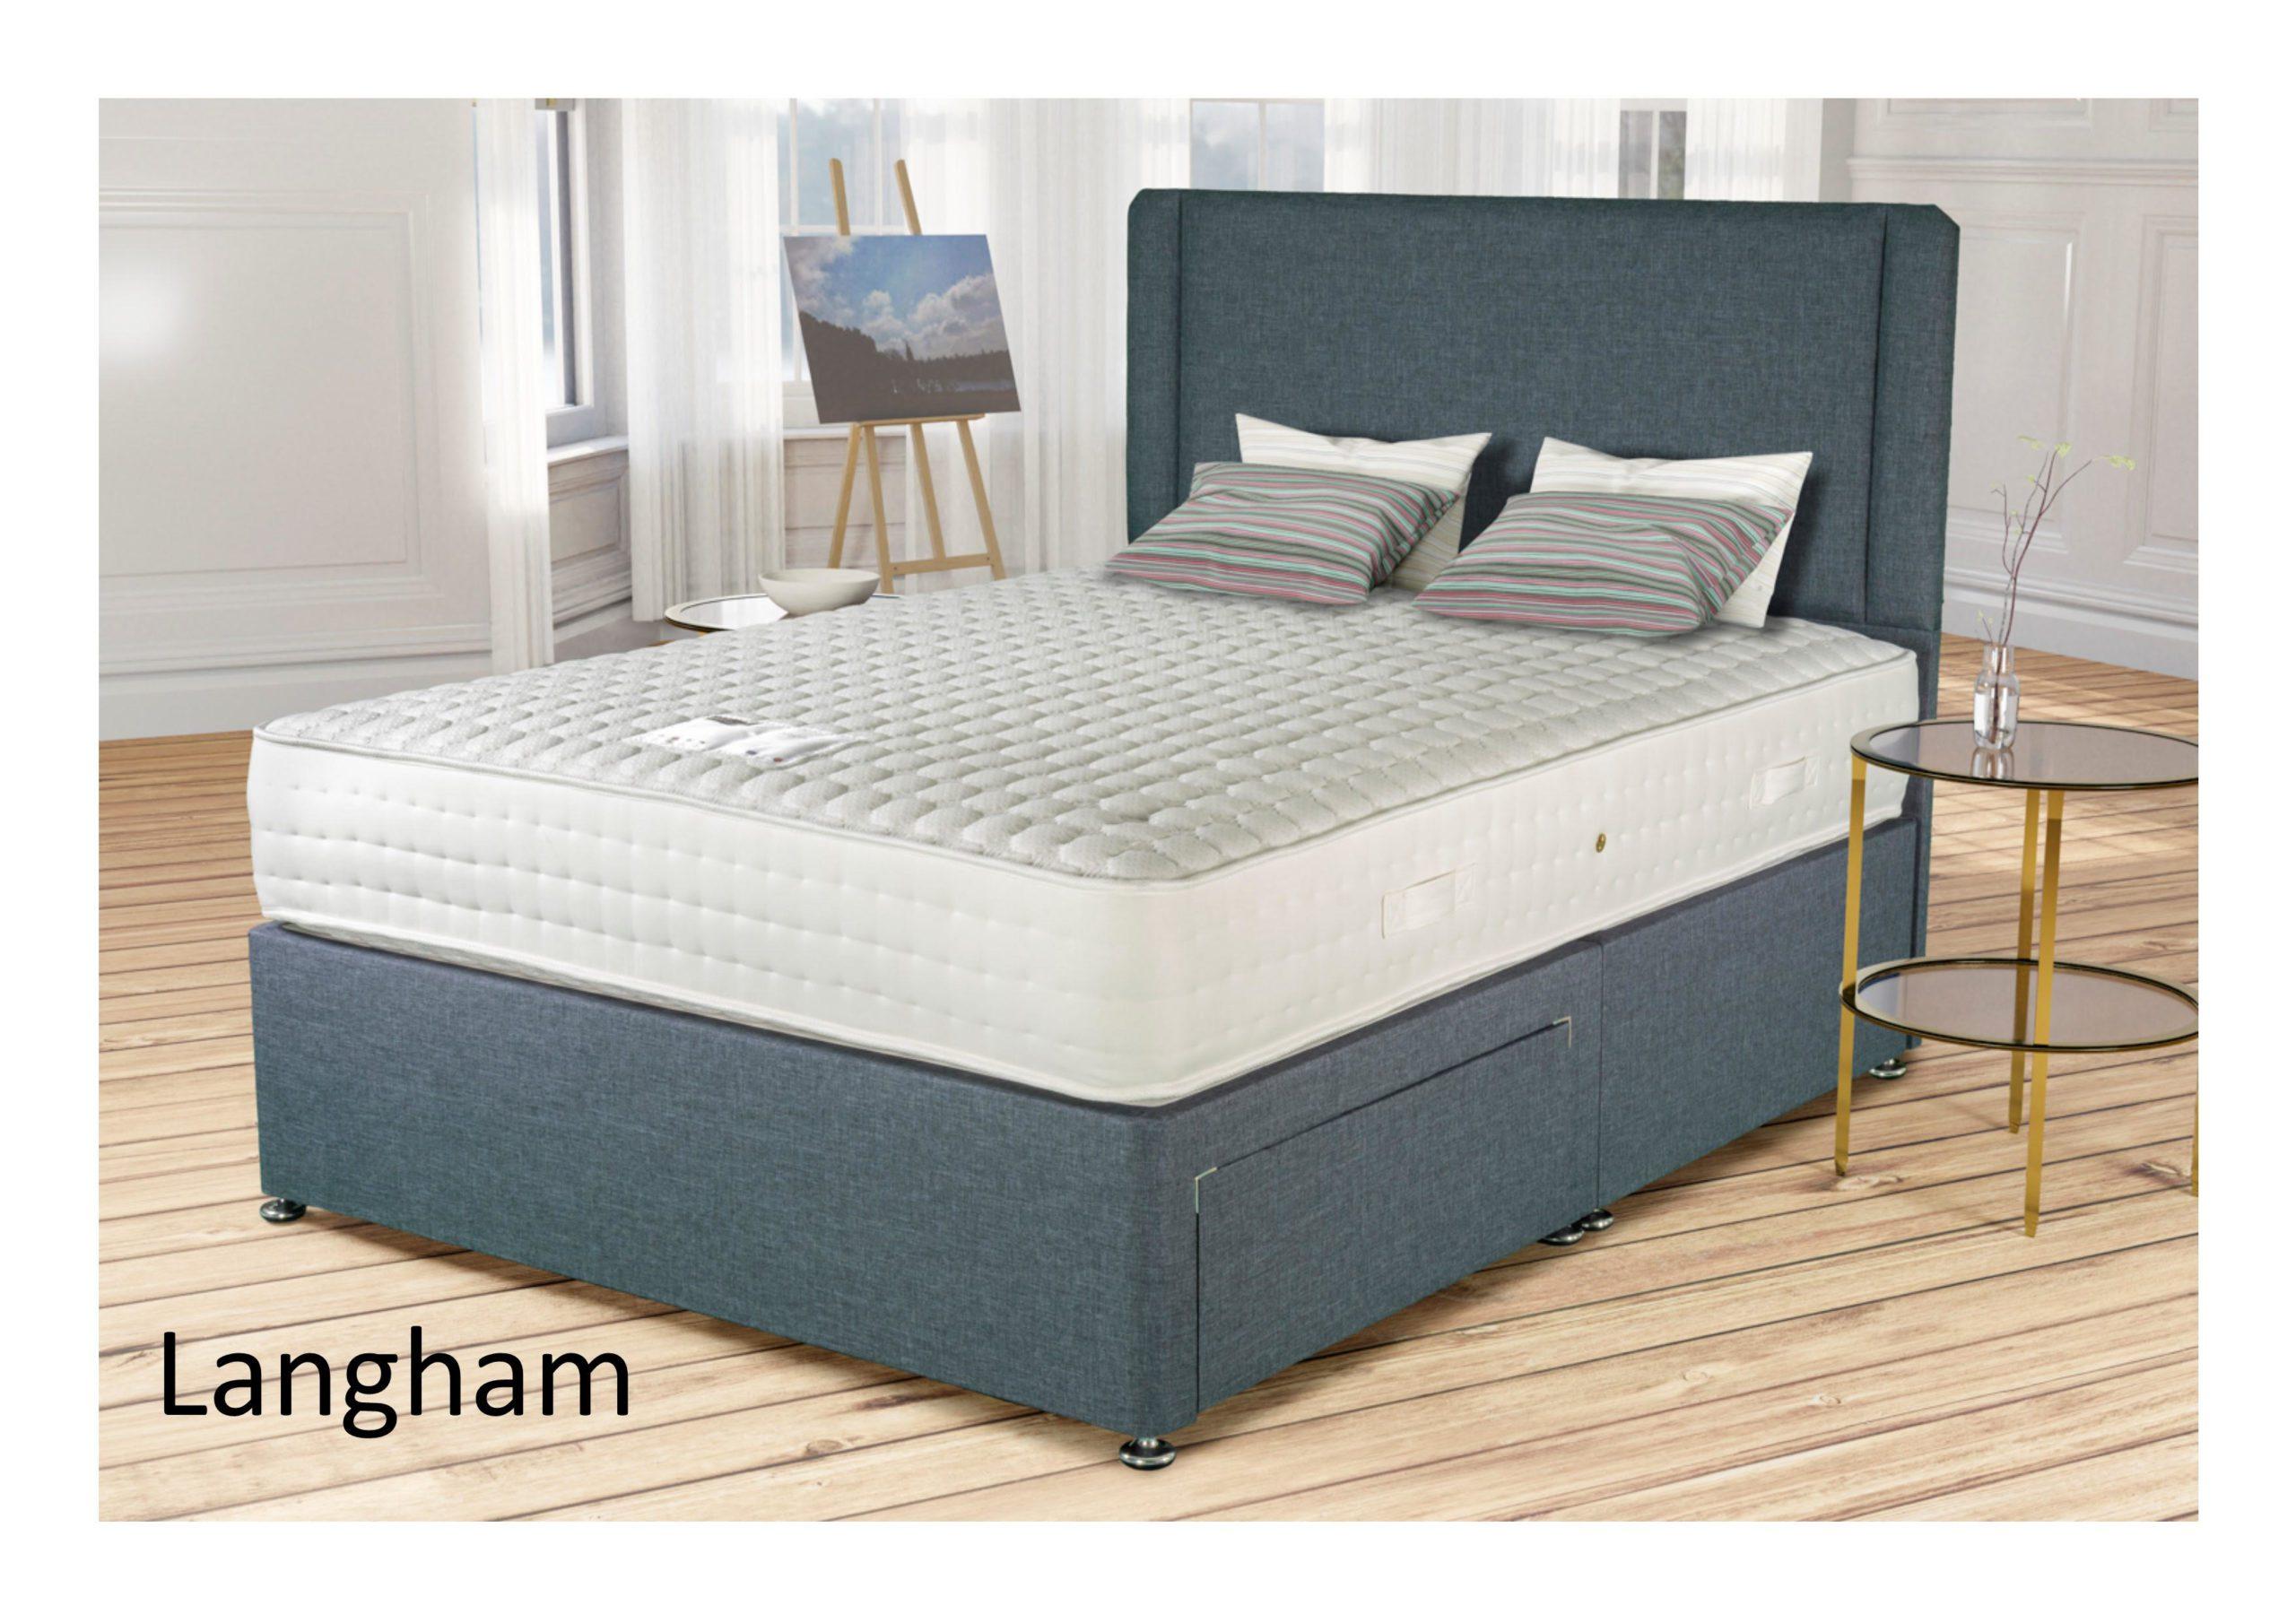 siesta langham bed